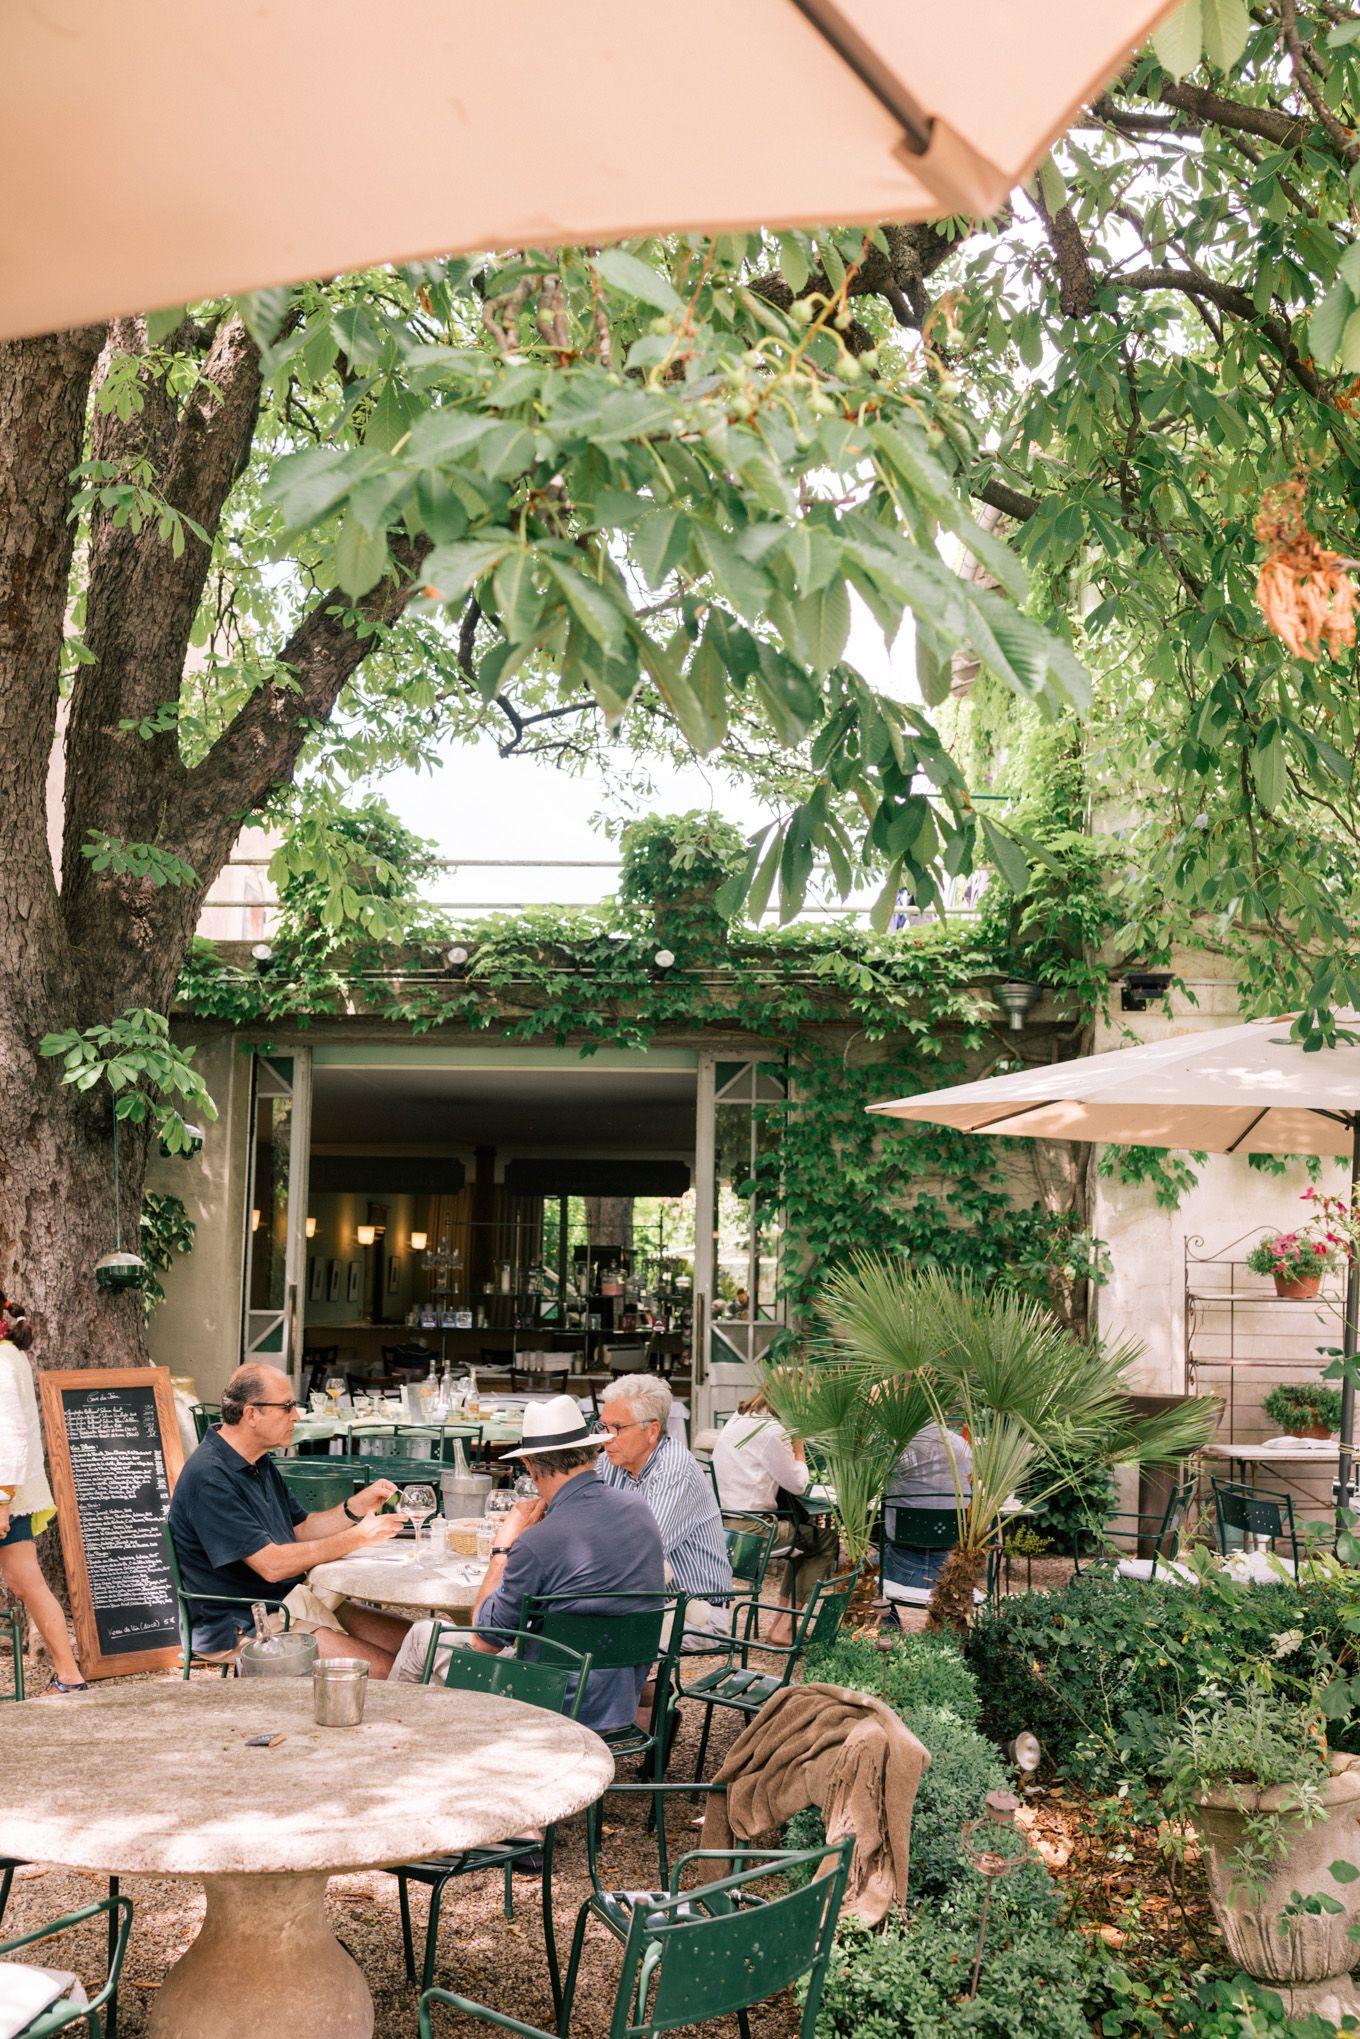 L Isle Sur La Sorgue Fontaine De Vaucluse Gordes Provence Julia Berolzheimer France Travel Provence France Beautiful Places To Visit